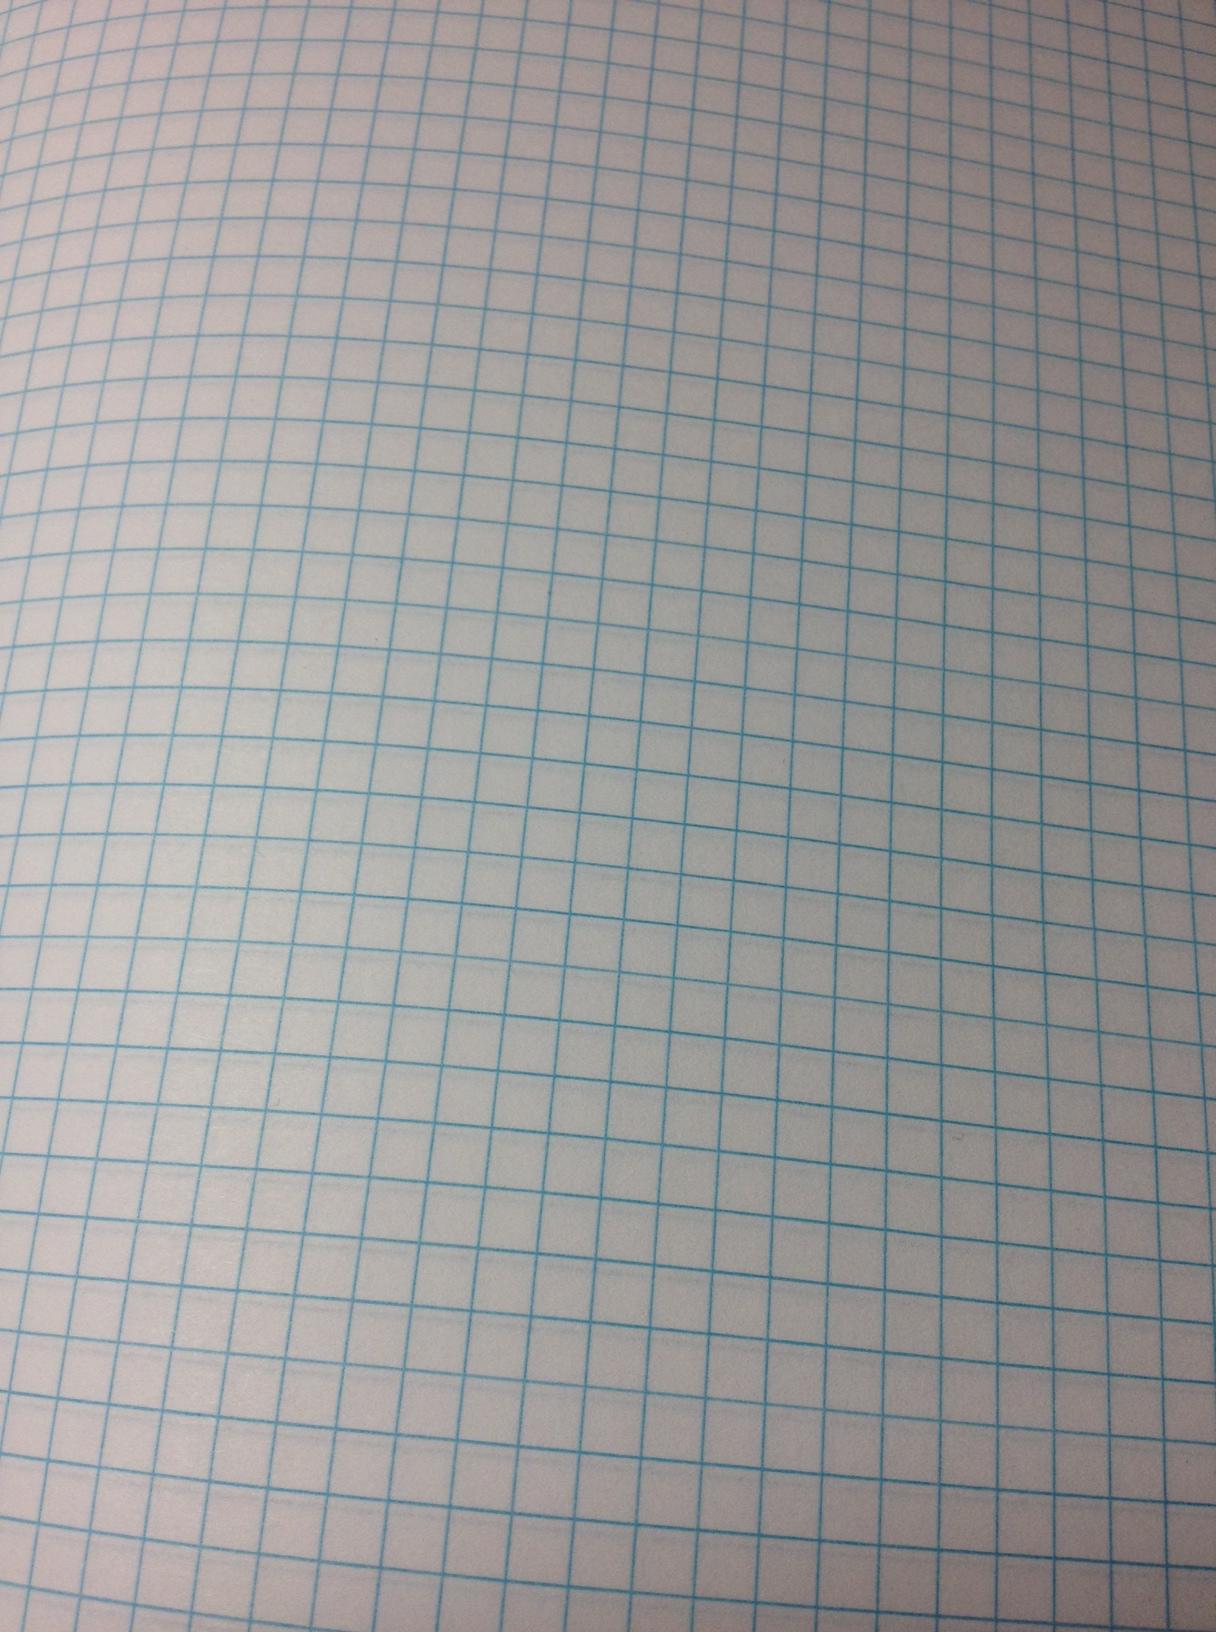 composition graph paper